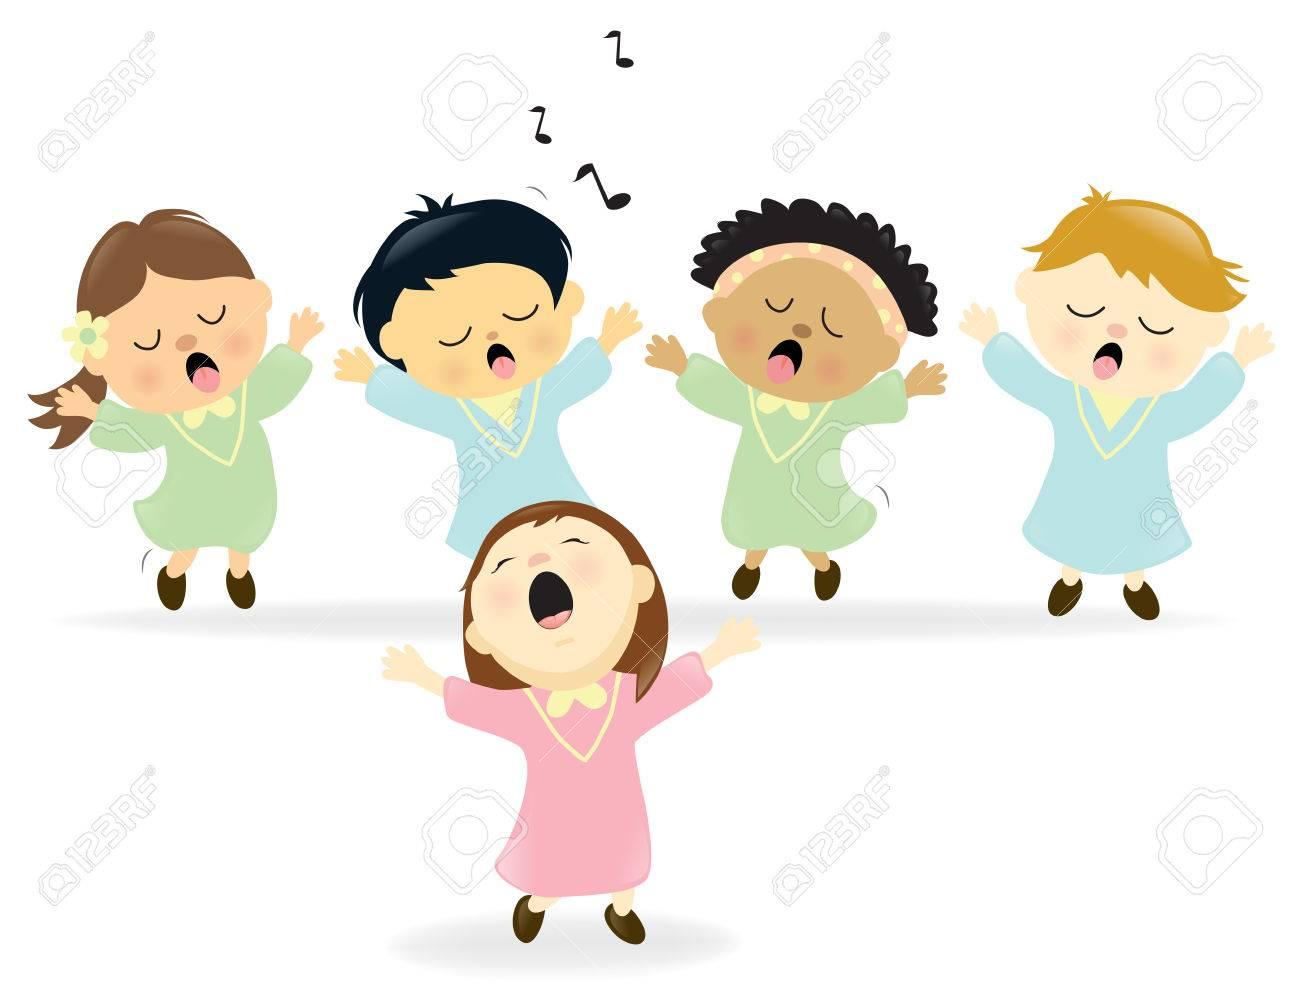 かわいい合唱団が歌うのイラスト素材ベクタ Image 56626290